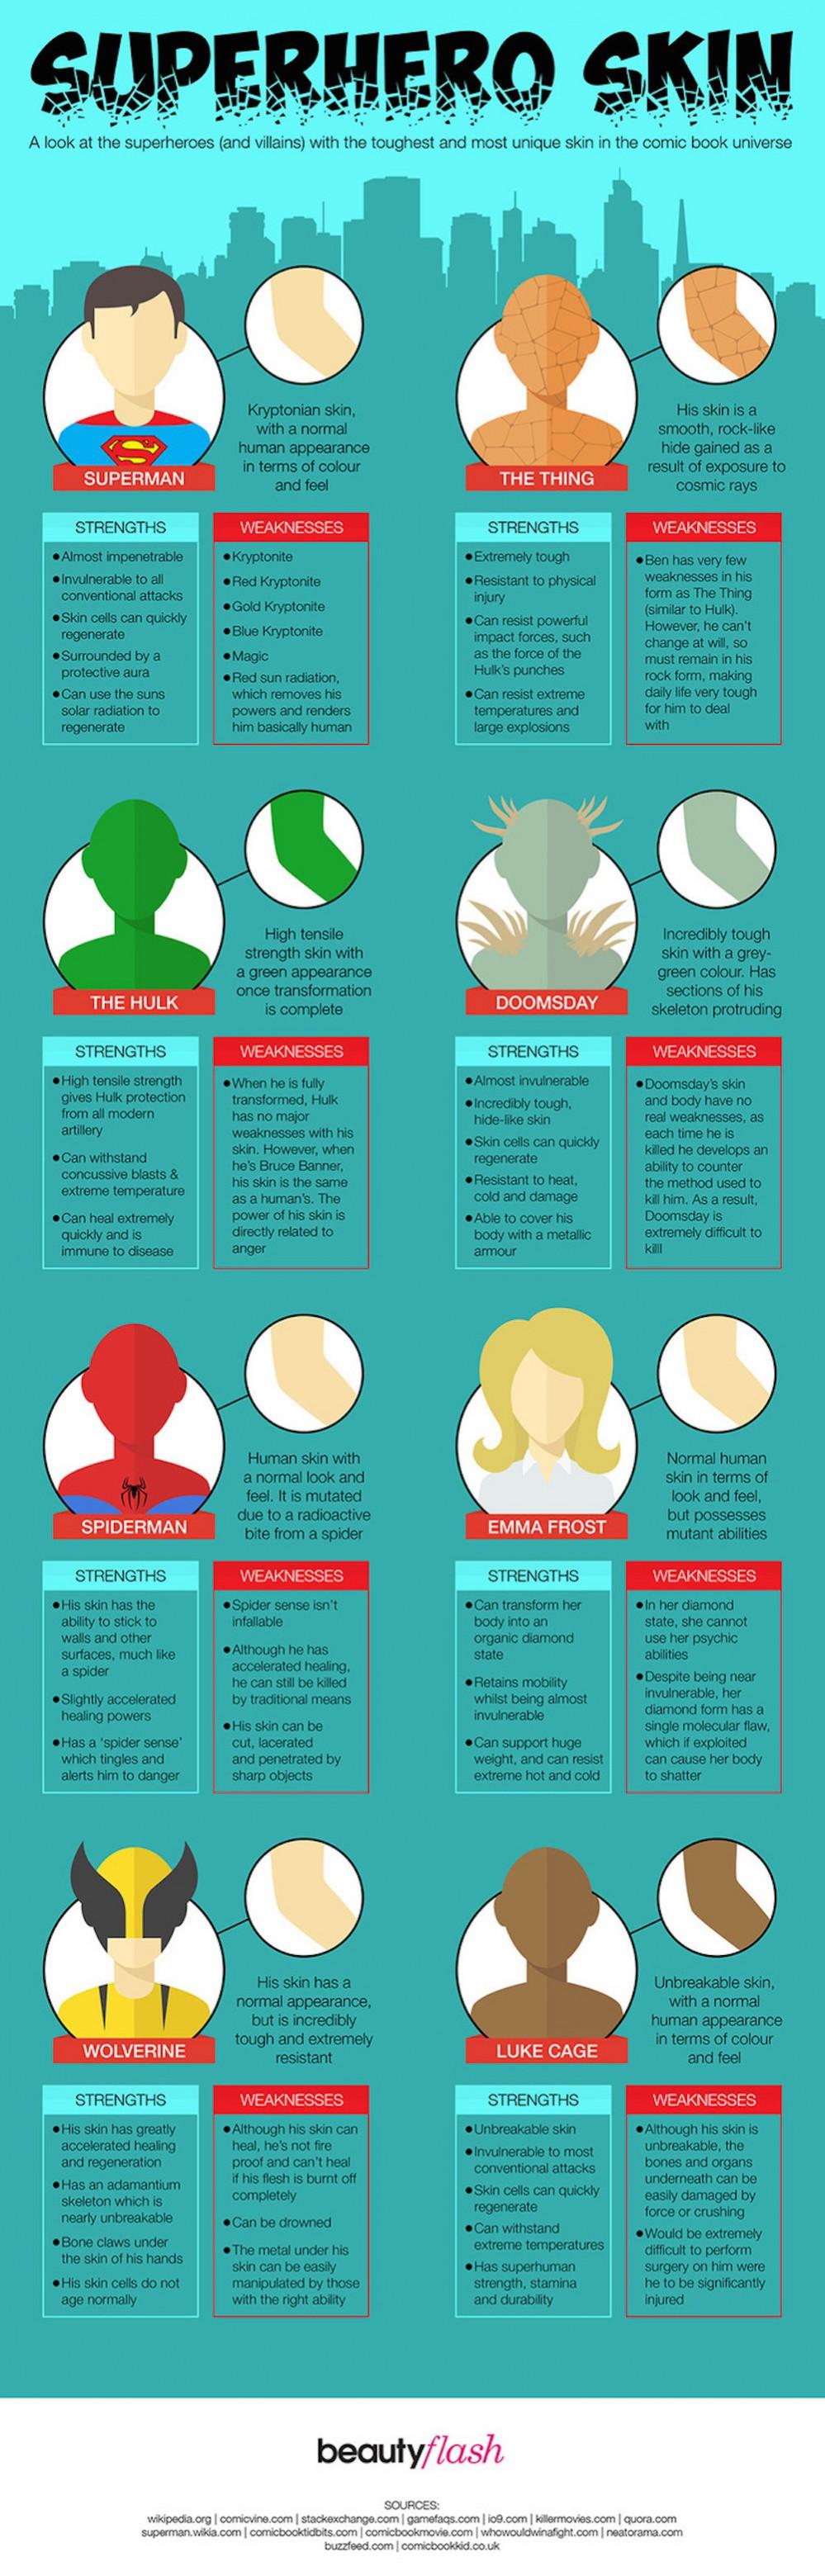 superhero-skin-infographic